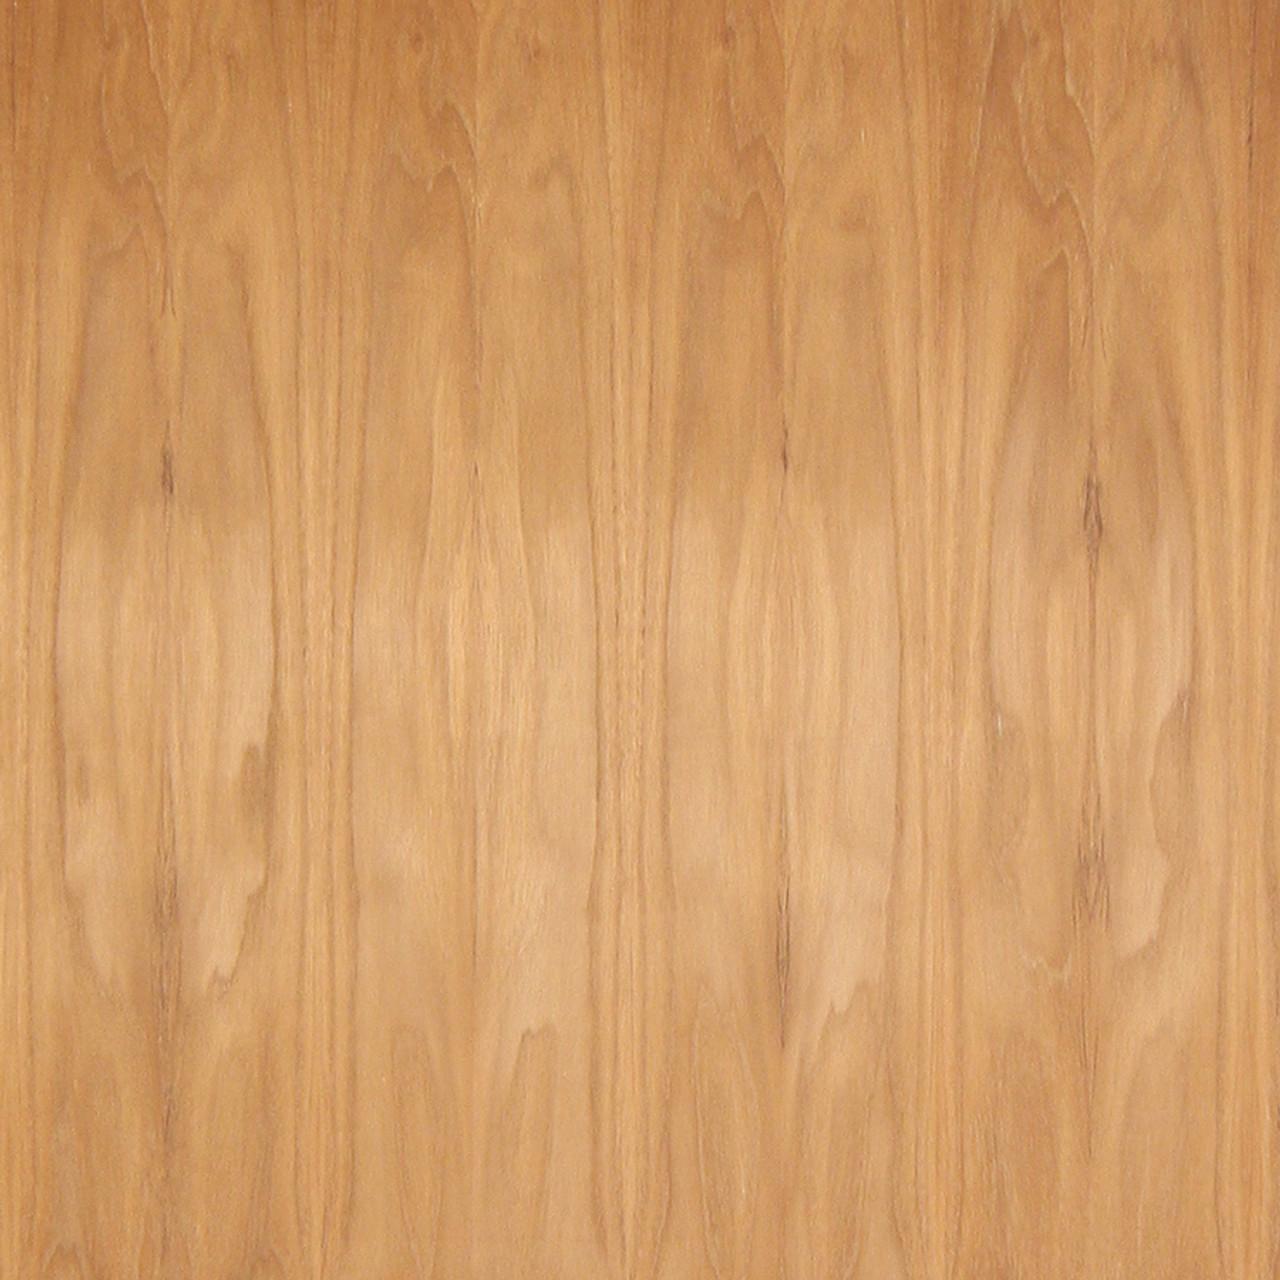 Teak Veneer Golden Exotic Marine Teak Wood Veneers Sheets Oakwood Veneer Company